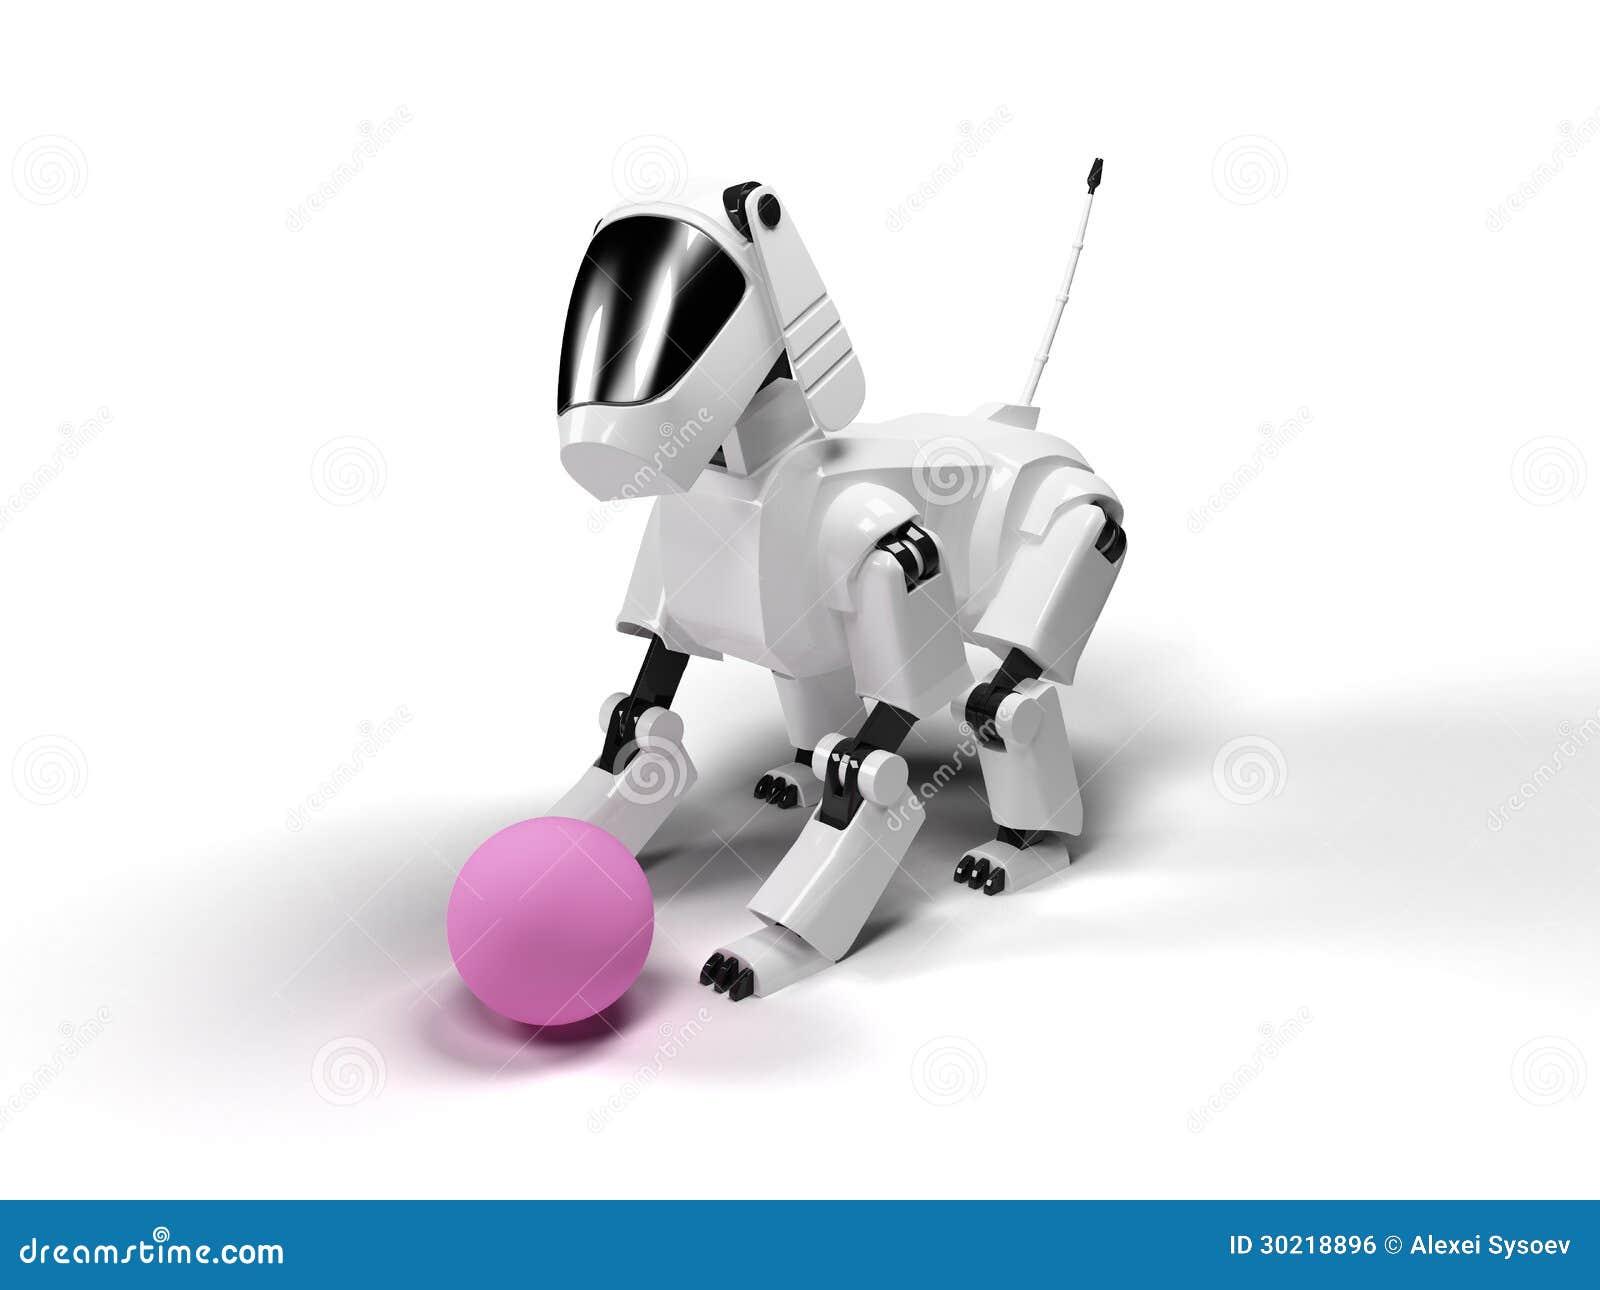 Robot Dog Toy Pink